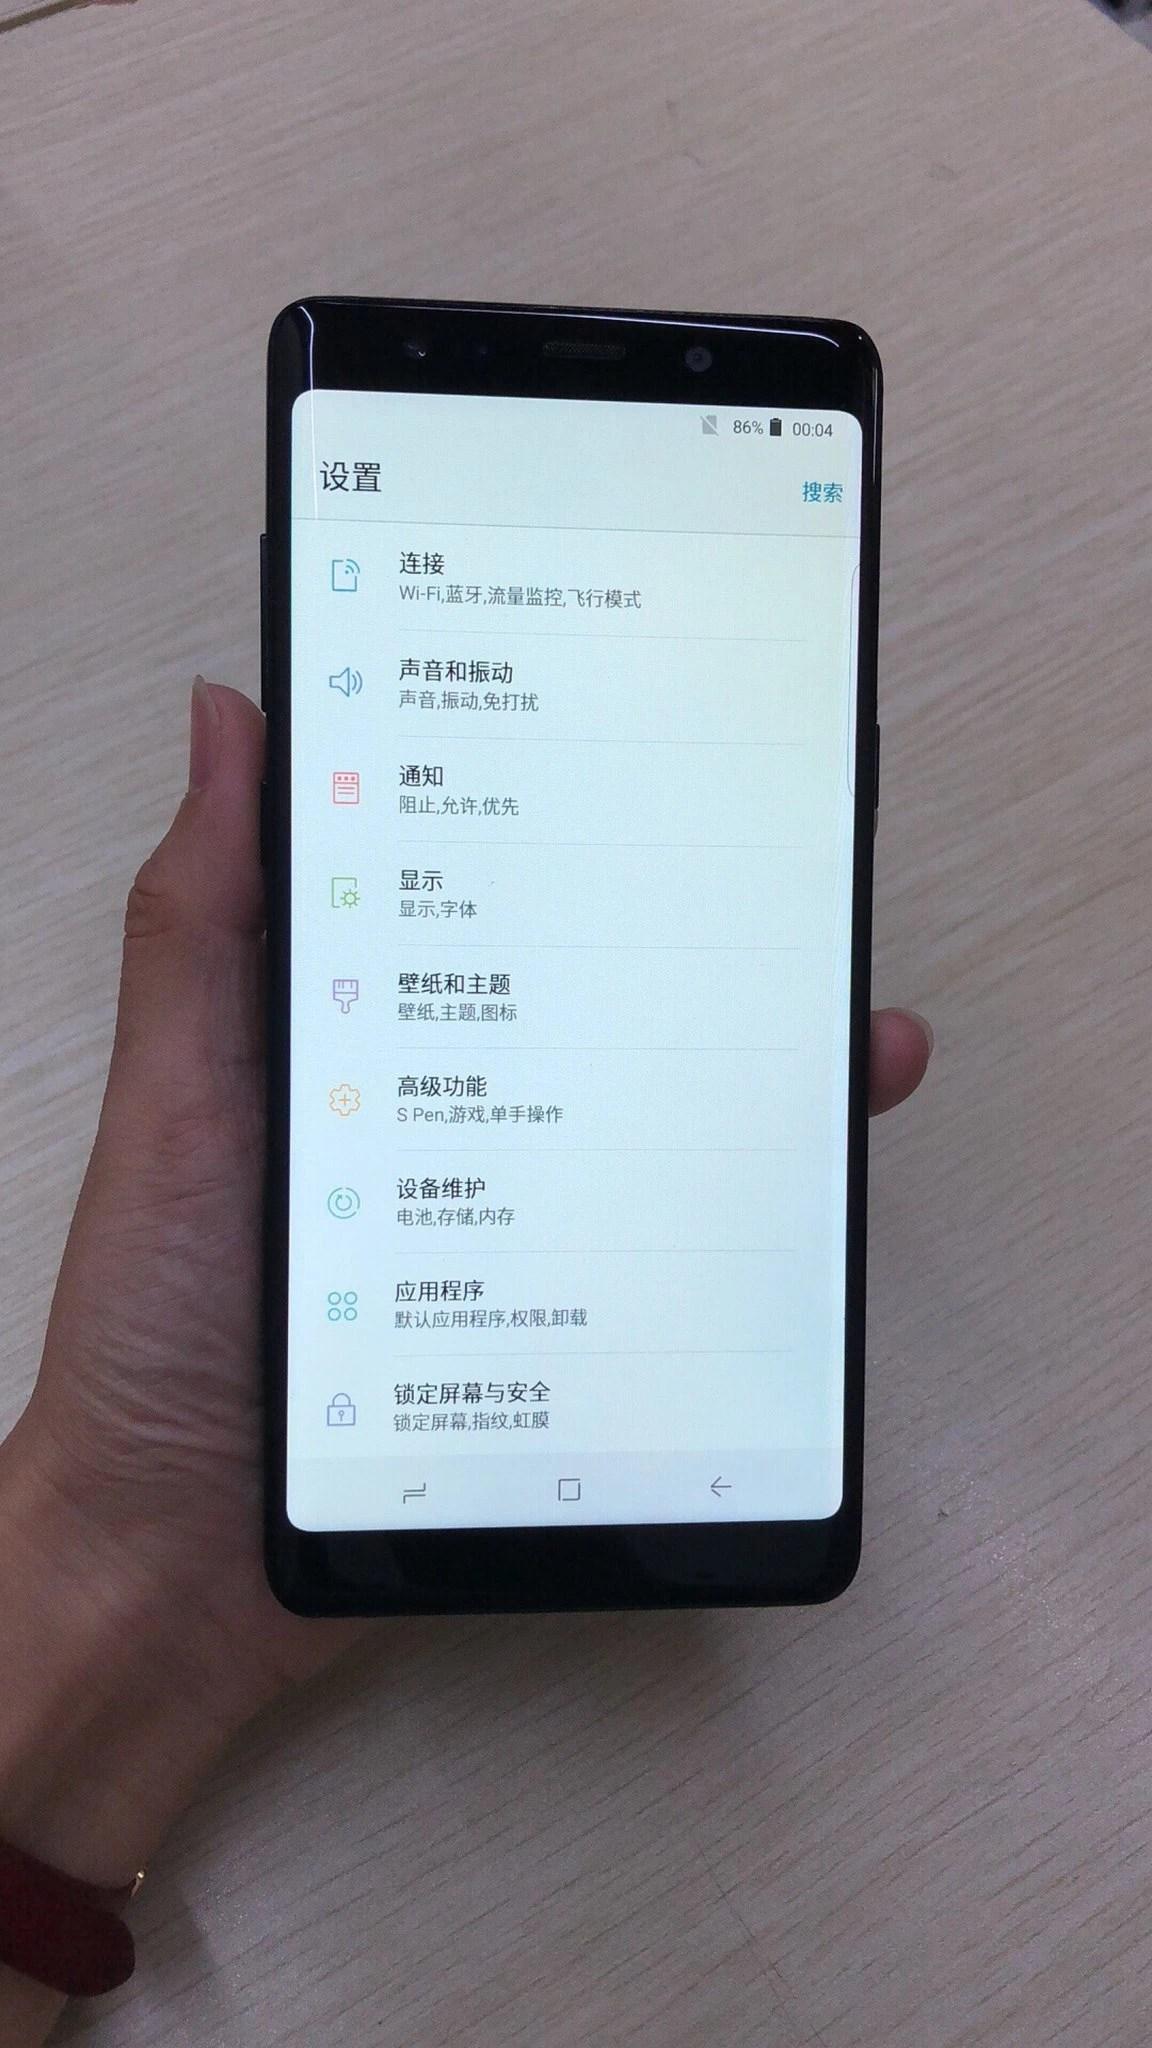 Counterfeit Samsung Glaxy Note 9 - شركة HMD العالمية تعلن رسميا عن الجوال Nokia X5 مع كاميرا خلفية مزدوجة